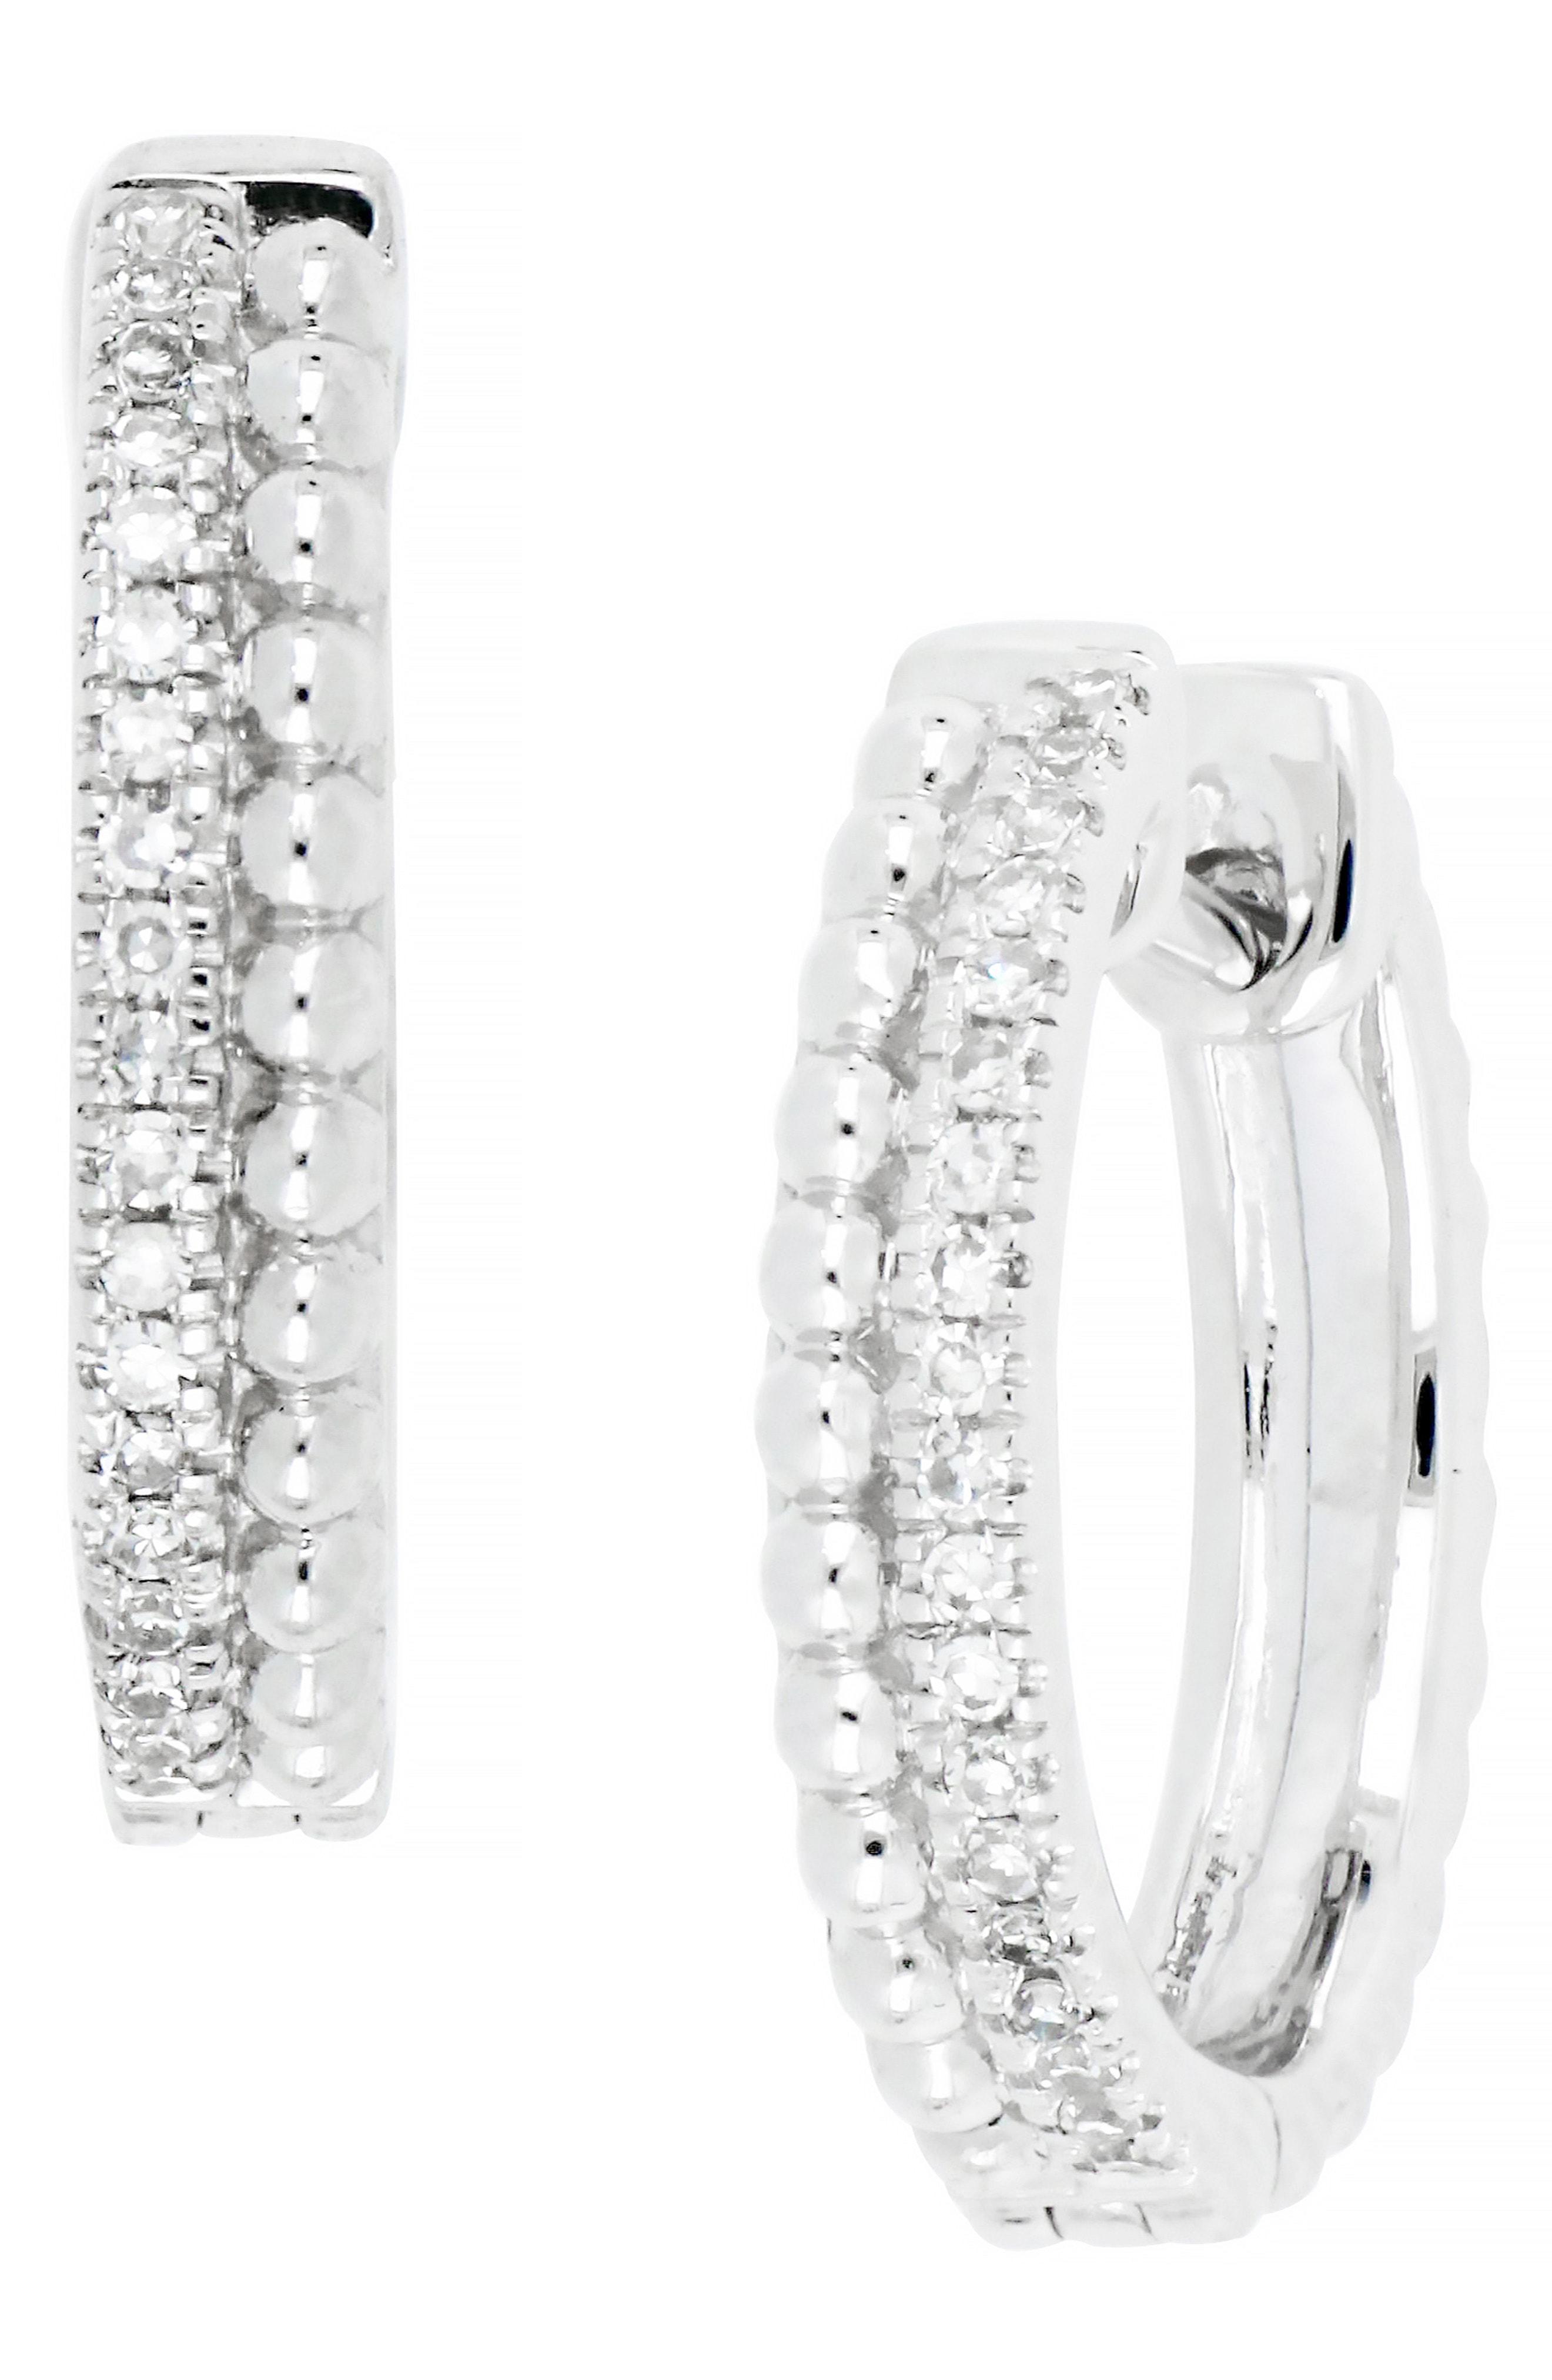 849259e32 CARRIERE JEWELRY. Women's Metallic Carriere Small Diamond Hoop Earrings ...